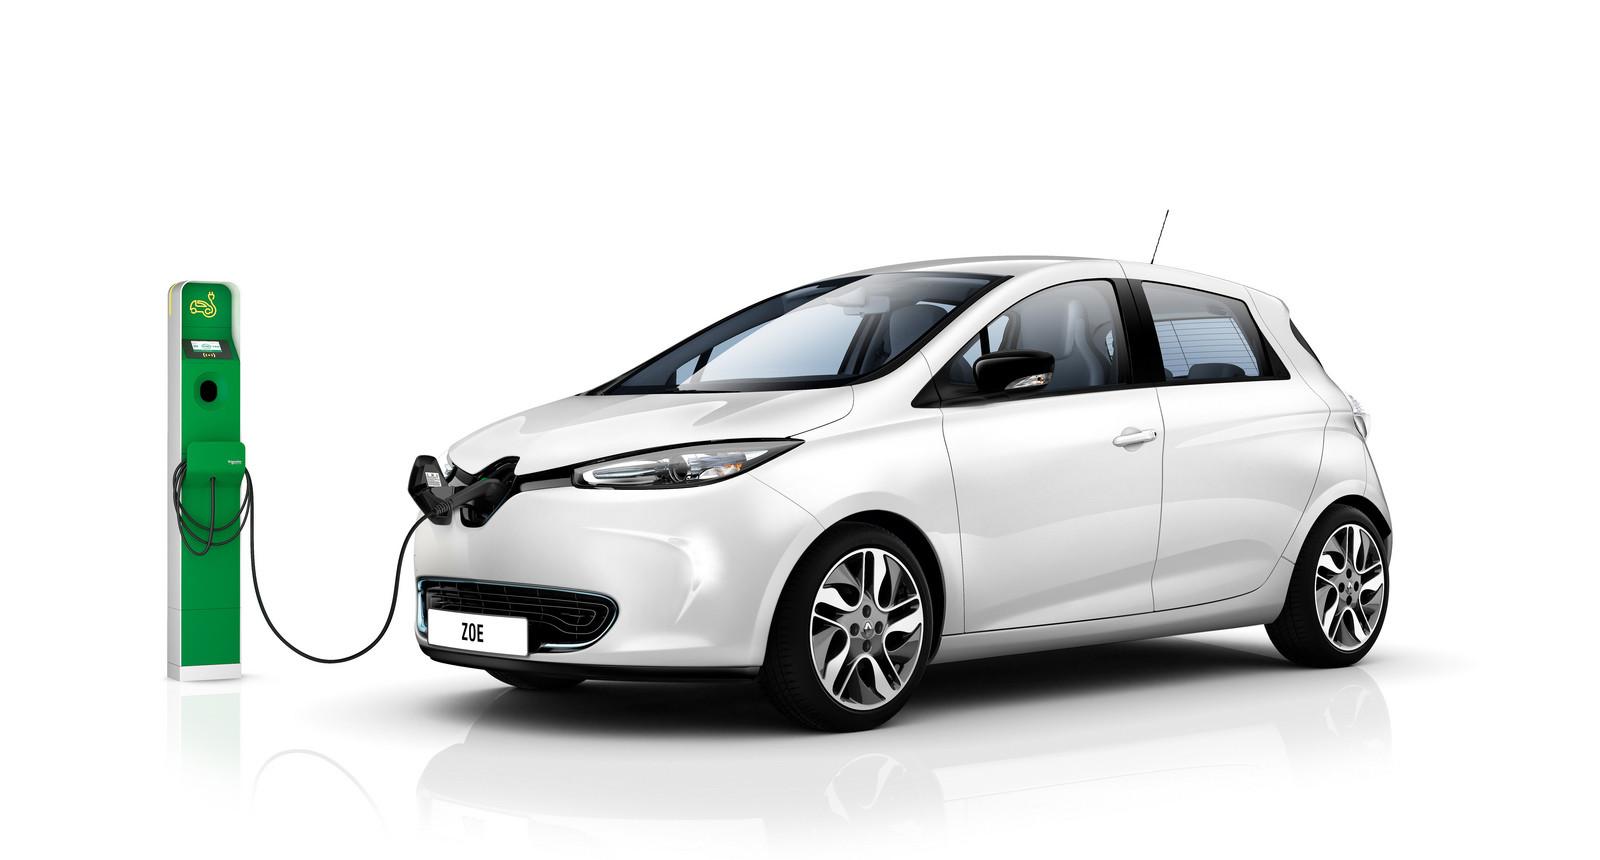 Vantagens e desvantagens do Carro Eléctrico VS Gasolina